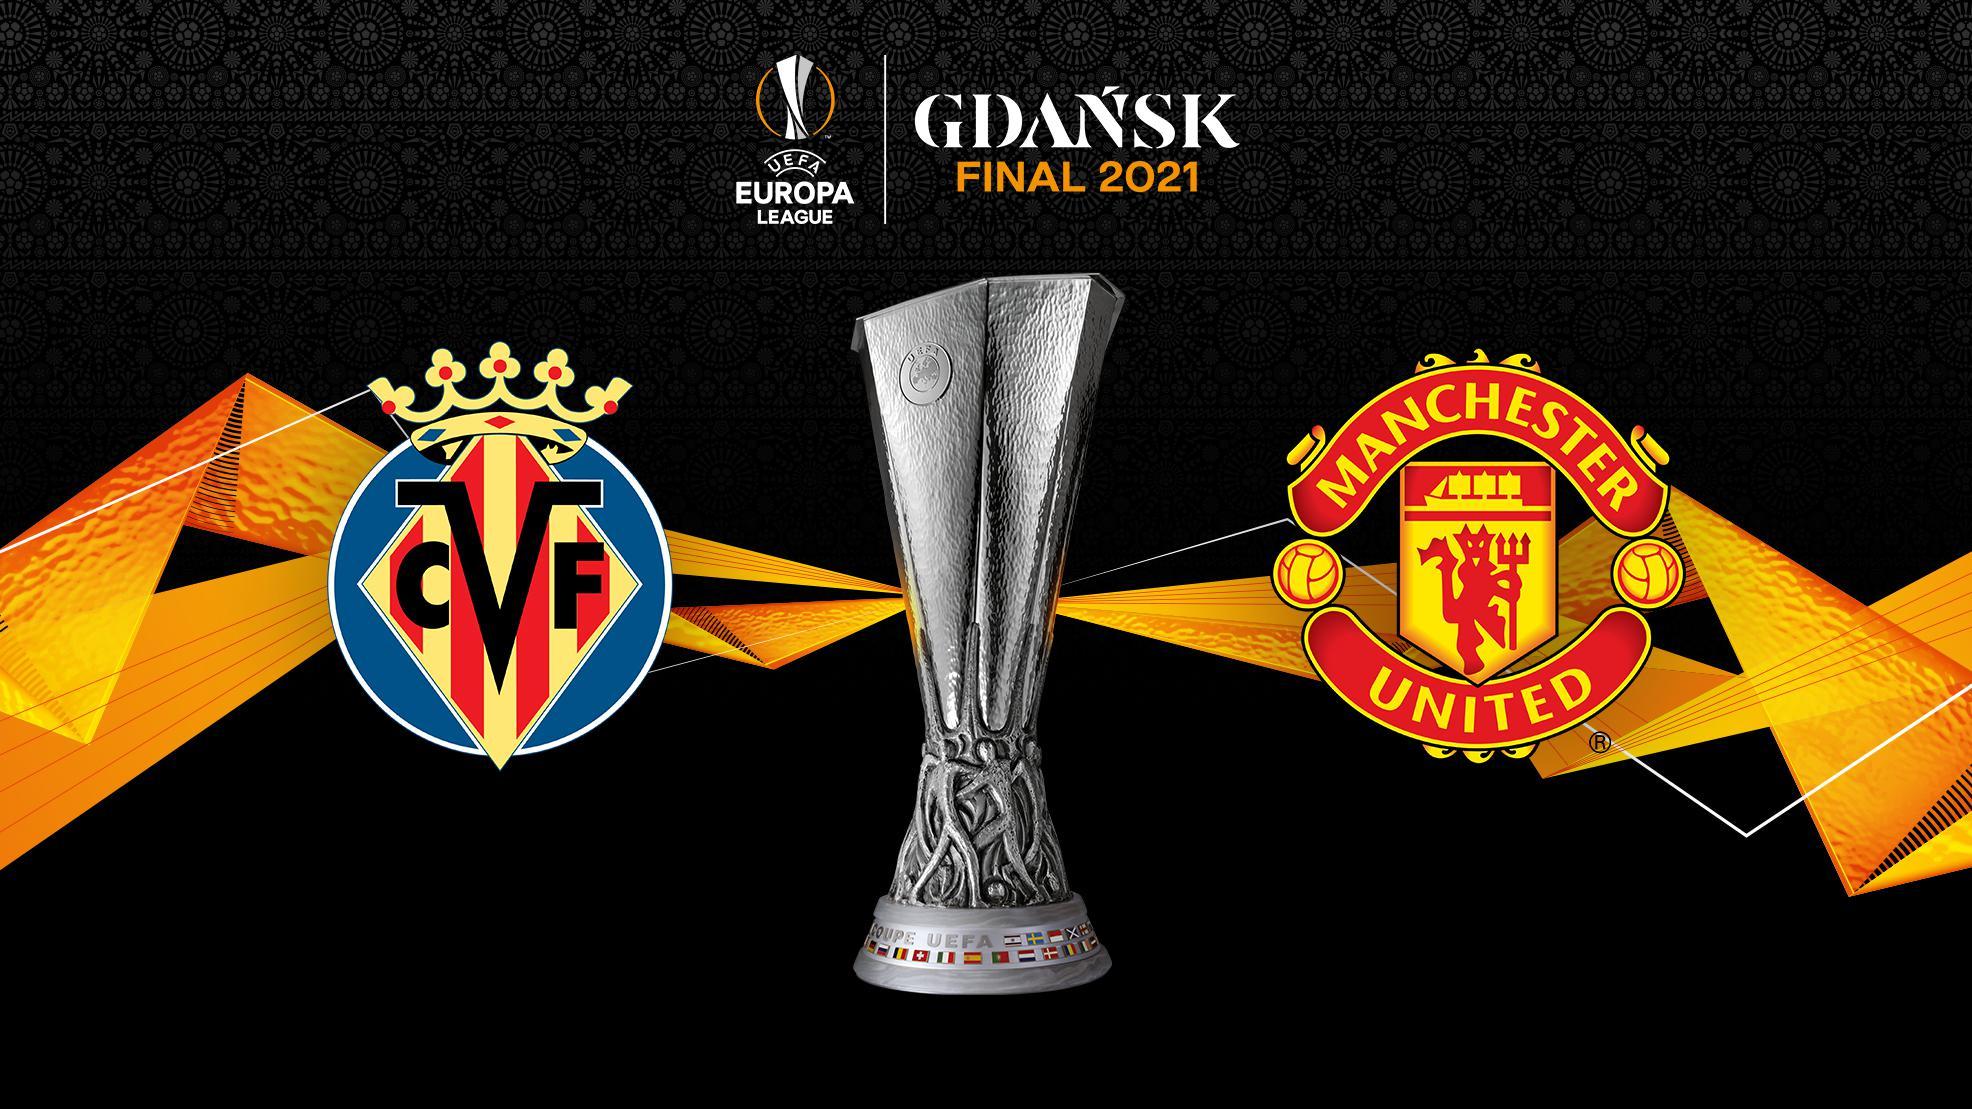 Пятый шанс для Эмери. Где посмотреть Финал Лиги Европы 2021: анонс, прогноз матча и трансляции